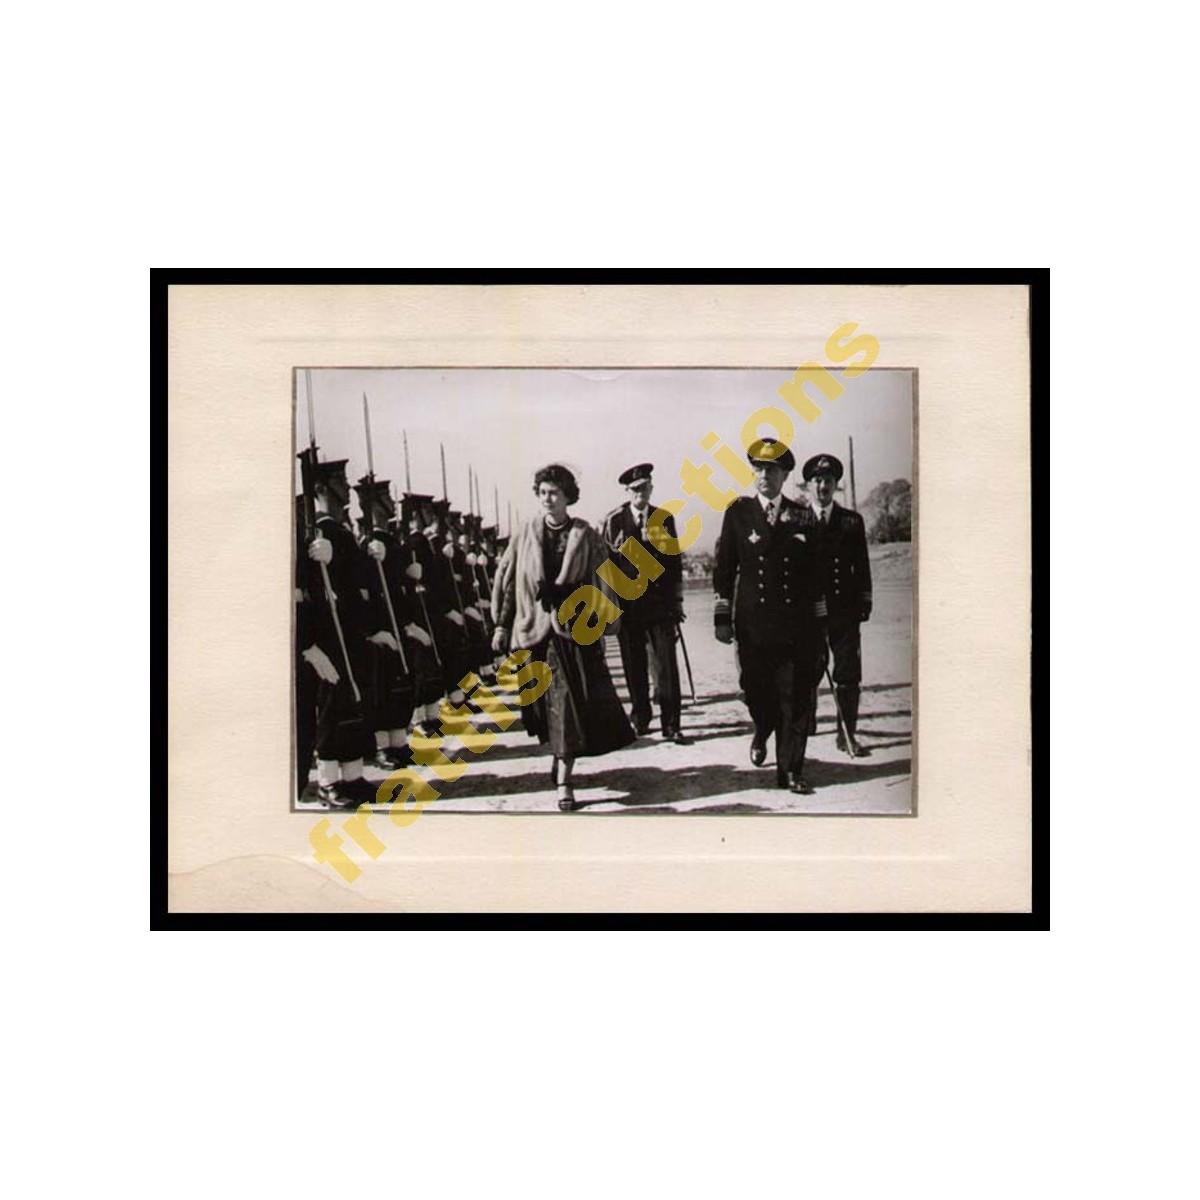 Φωτογραφία της Βασίλισσας Φρειδερίκης να επιθεωρεί άγημα του Ναυτικού.